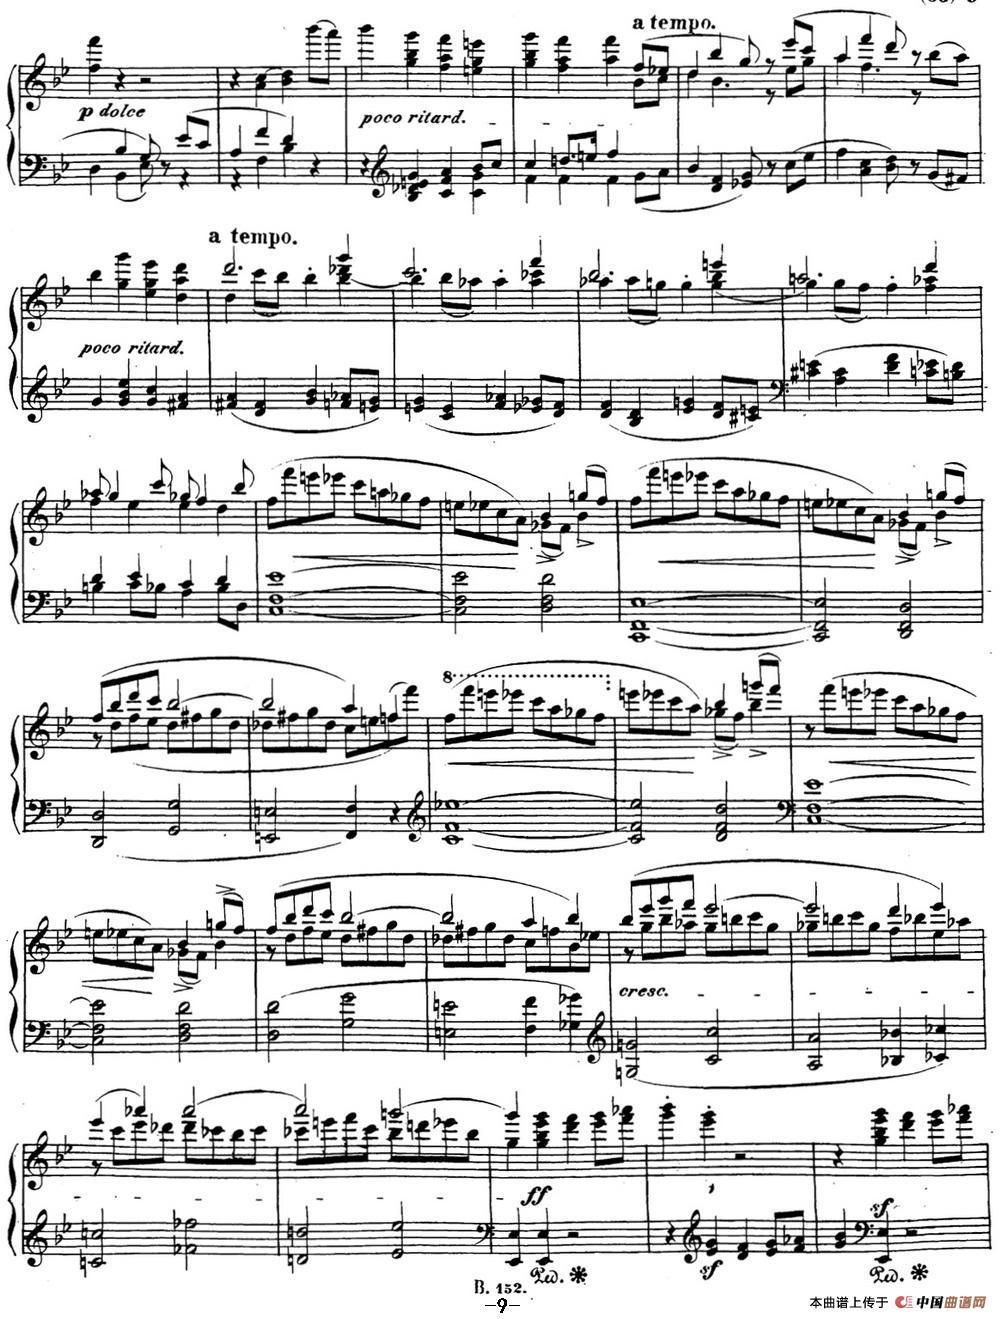 贝多芬钢琴奏鸣曲29 钢琴(锥子键琴)降B大调 Op.106 B-flat major(1)_原文件名:29 钢琴(锥子键琴)降B大调 Op106 B-flat major_页面_11.jpg